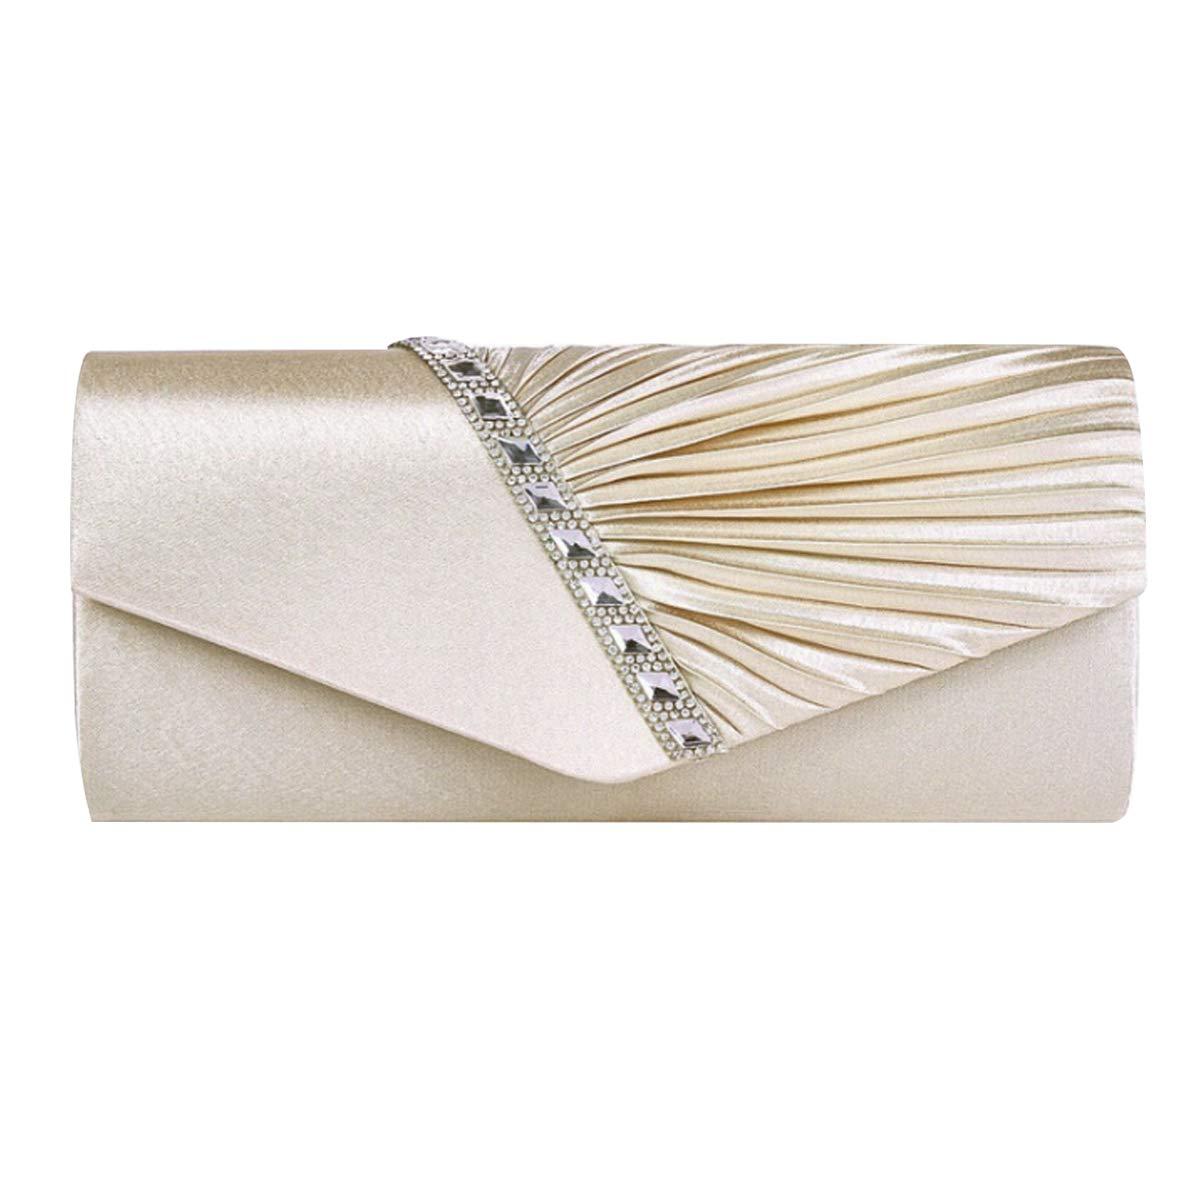 AiSi Damen Satin Clutch Strass Abendtasche mit Kette mini Handtasche für Hochzeit, Silber Rot Beige bb-03034W03